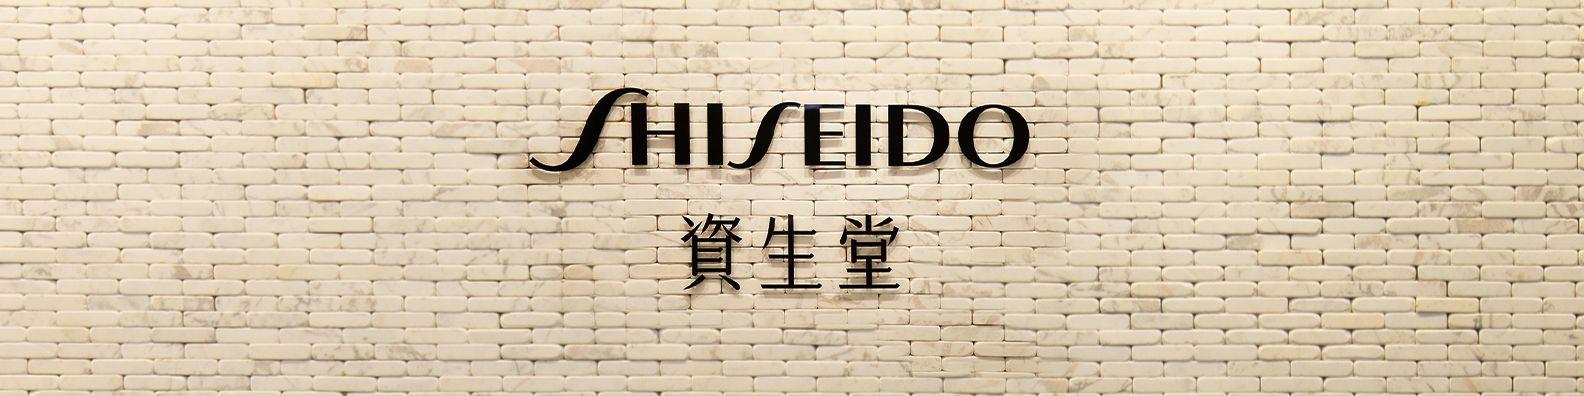 Shiseido | LinkedIn